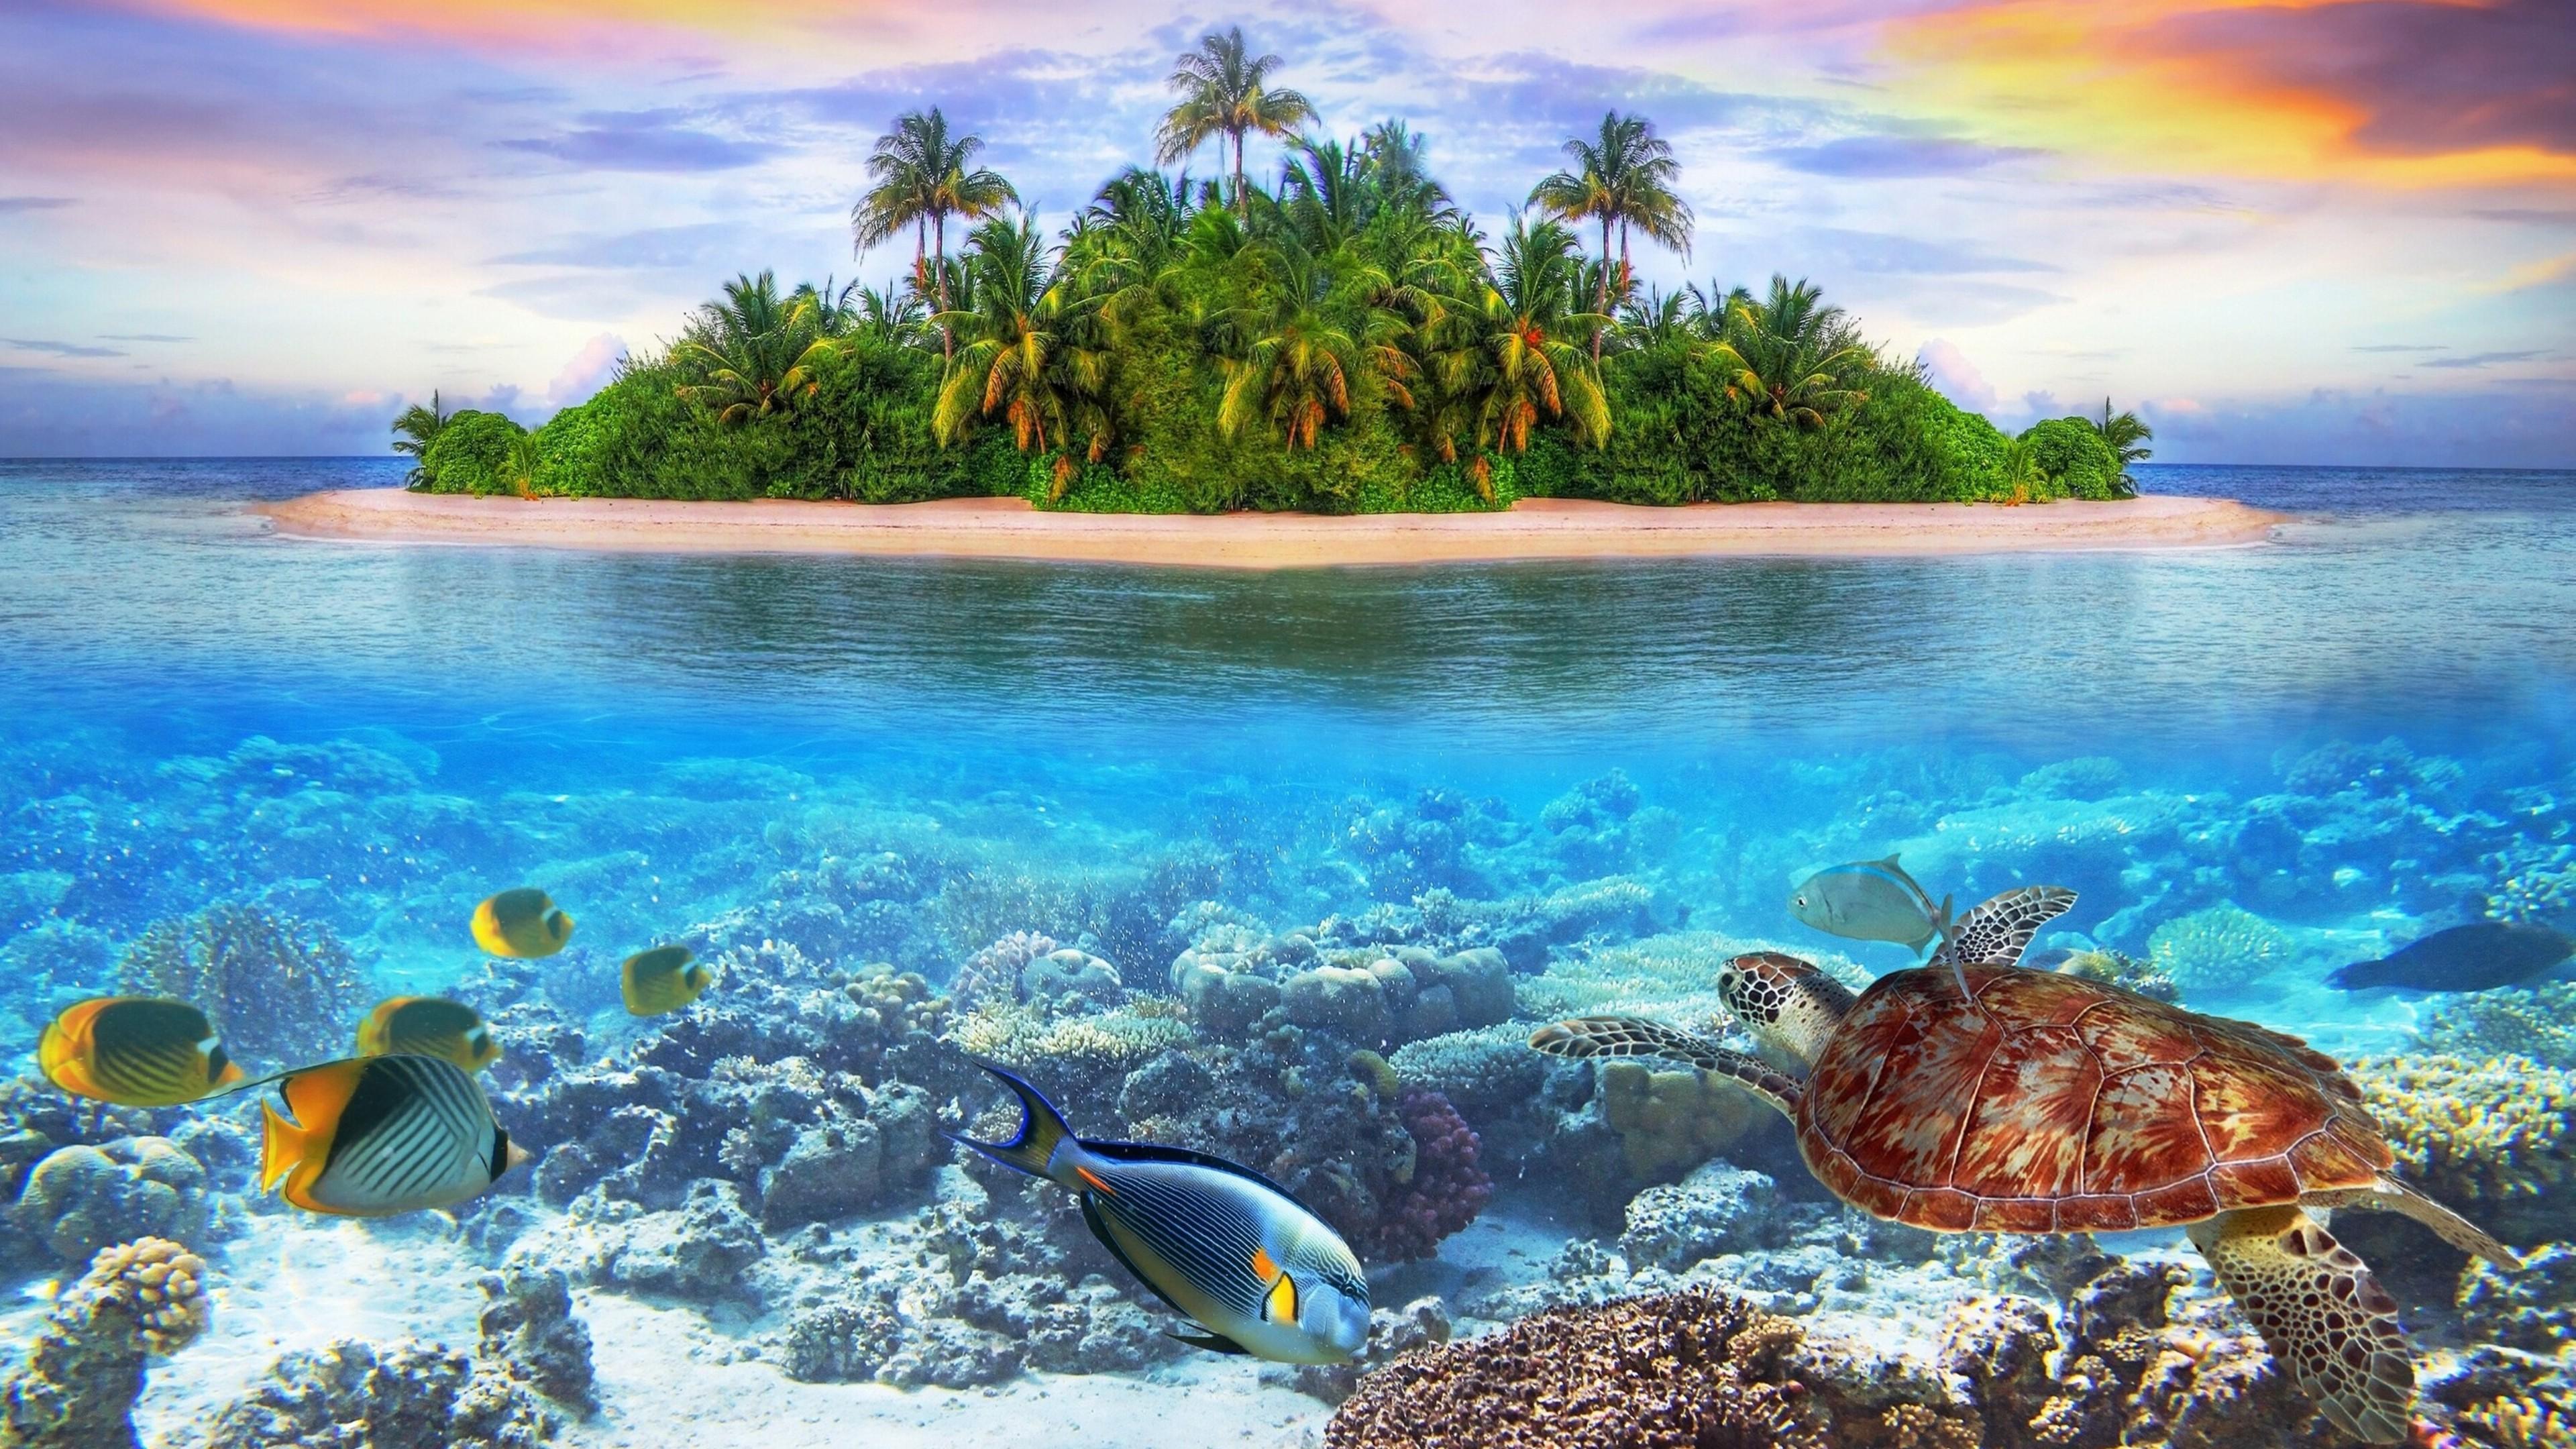 Underwater 4k Ultra Hd Wallpaper 3840x2160